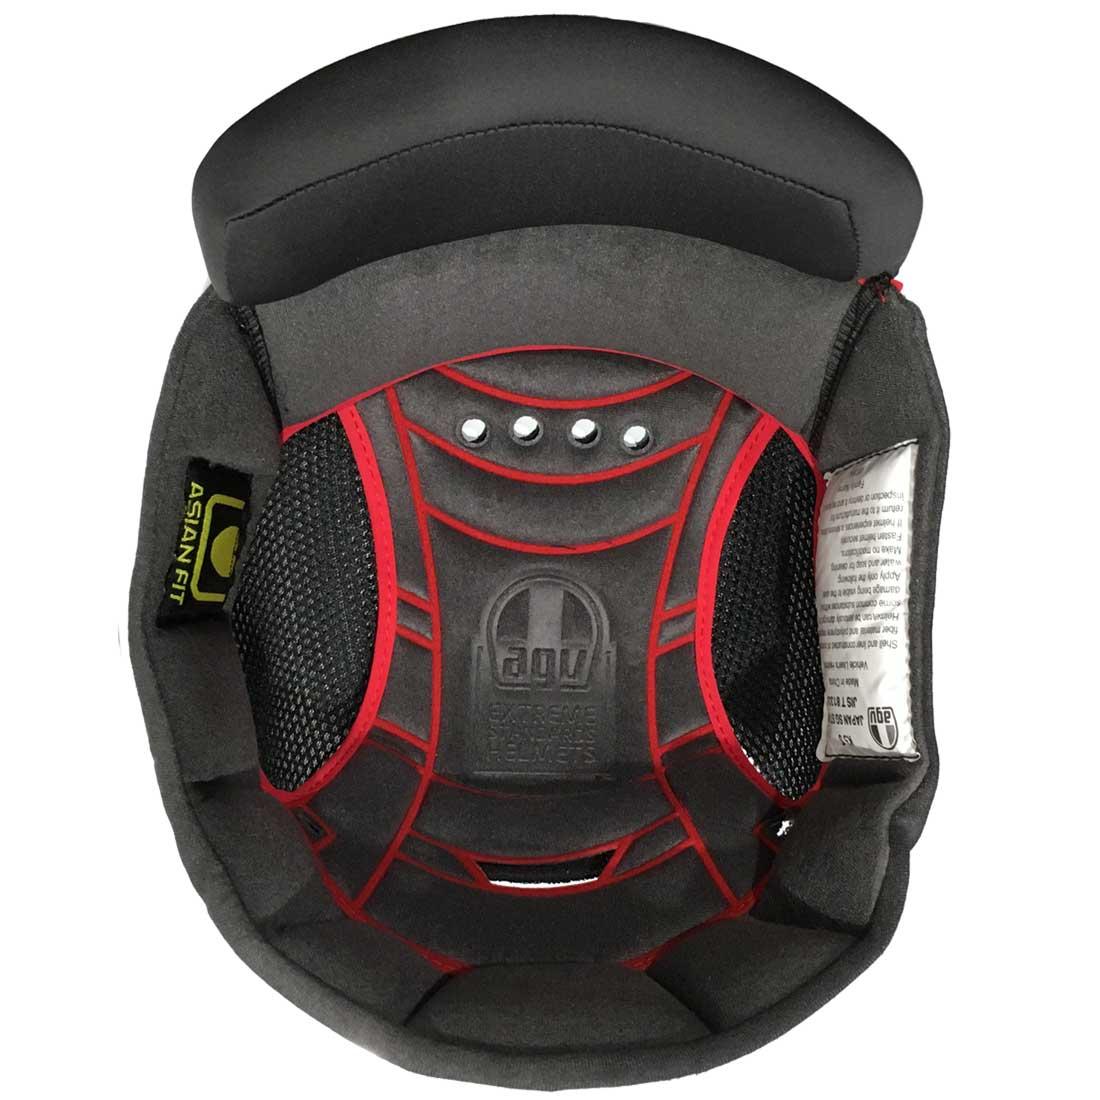 AGV(エージーブイ) ヘルメットパーツ 内装 K-5 S用 TOP PAD K-5 S Asia Fit (トップパッド) XLサイズ KIT0045599910